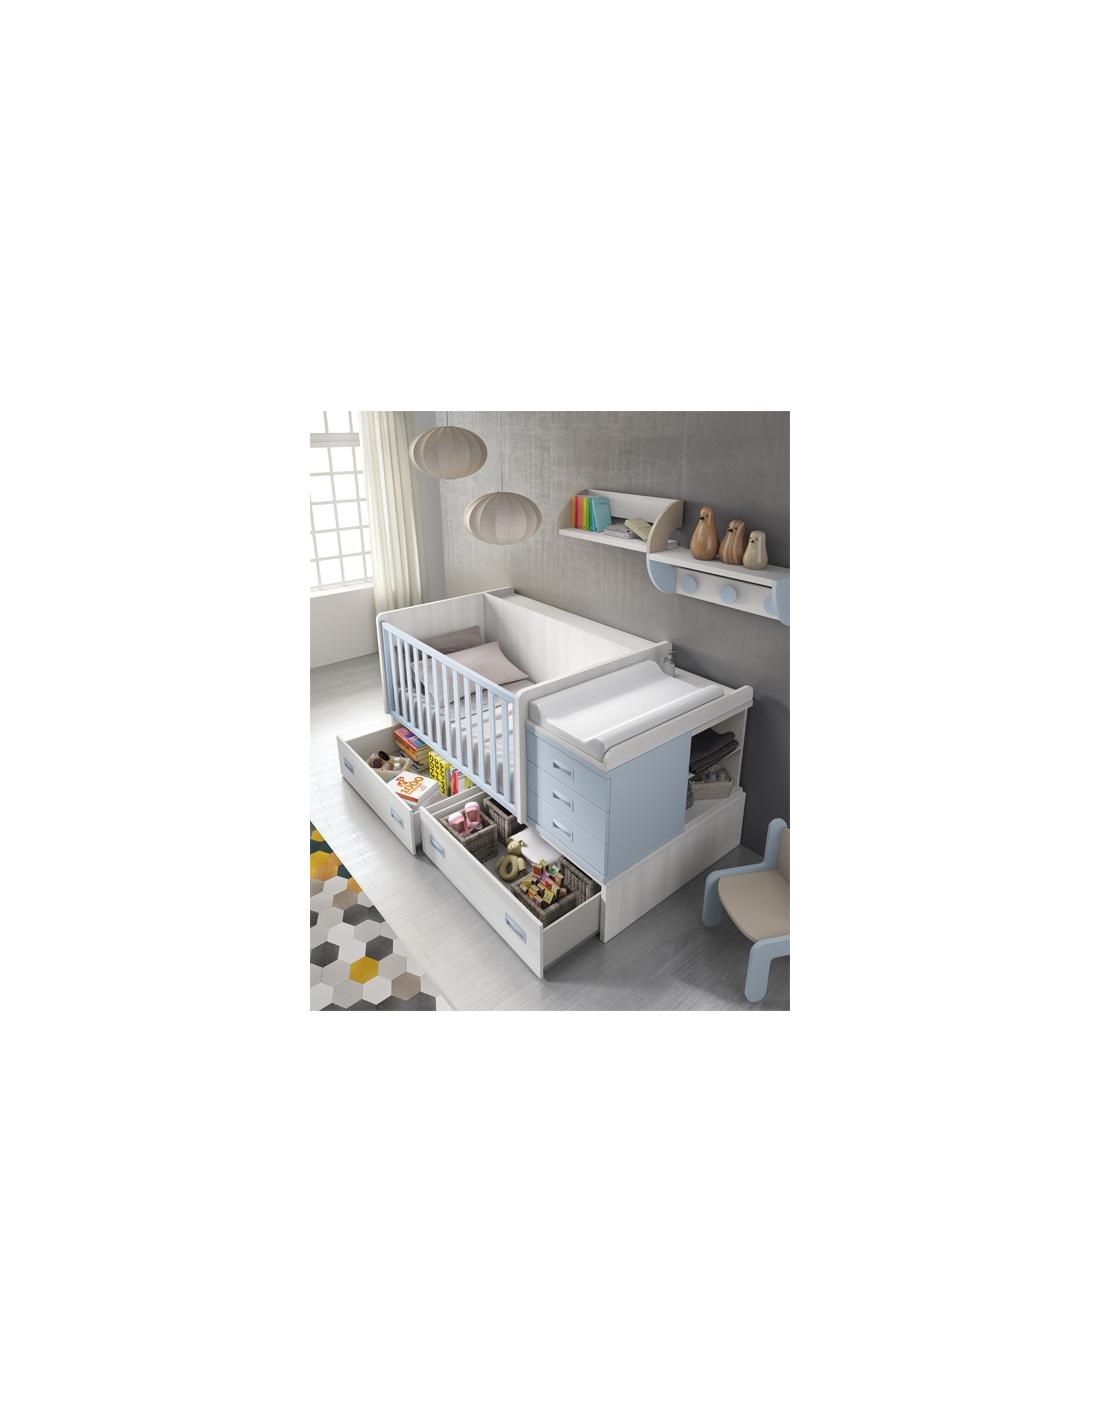 Comprar composici n c109 habitaci n bebe con cuna - Habitacion convertible bebe ...